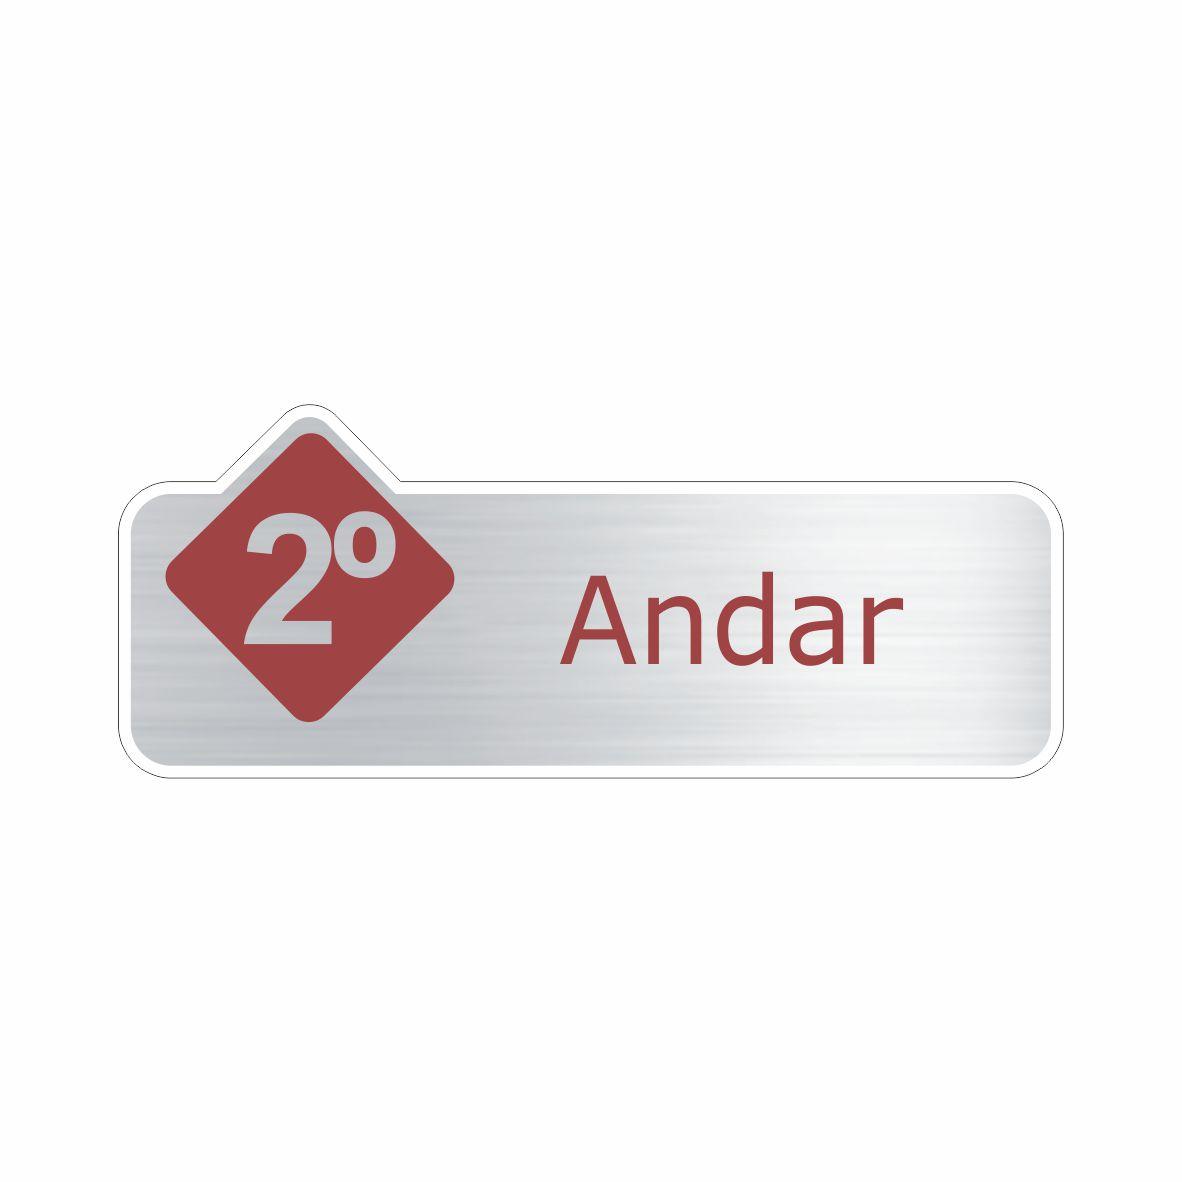 2º Andar  - Towbar Sinalização de Segurança